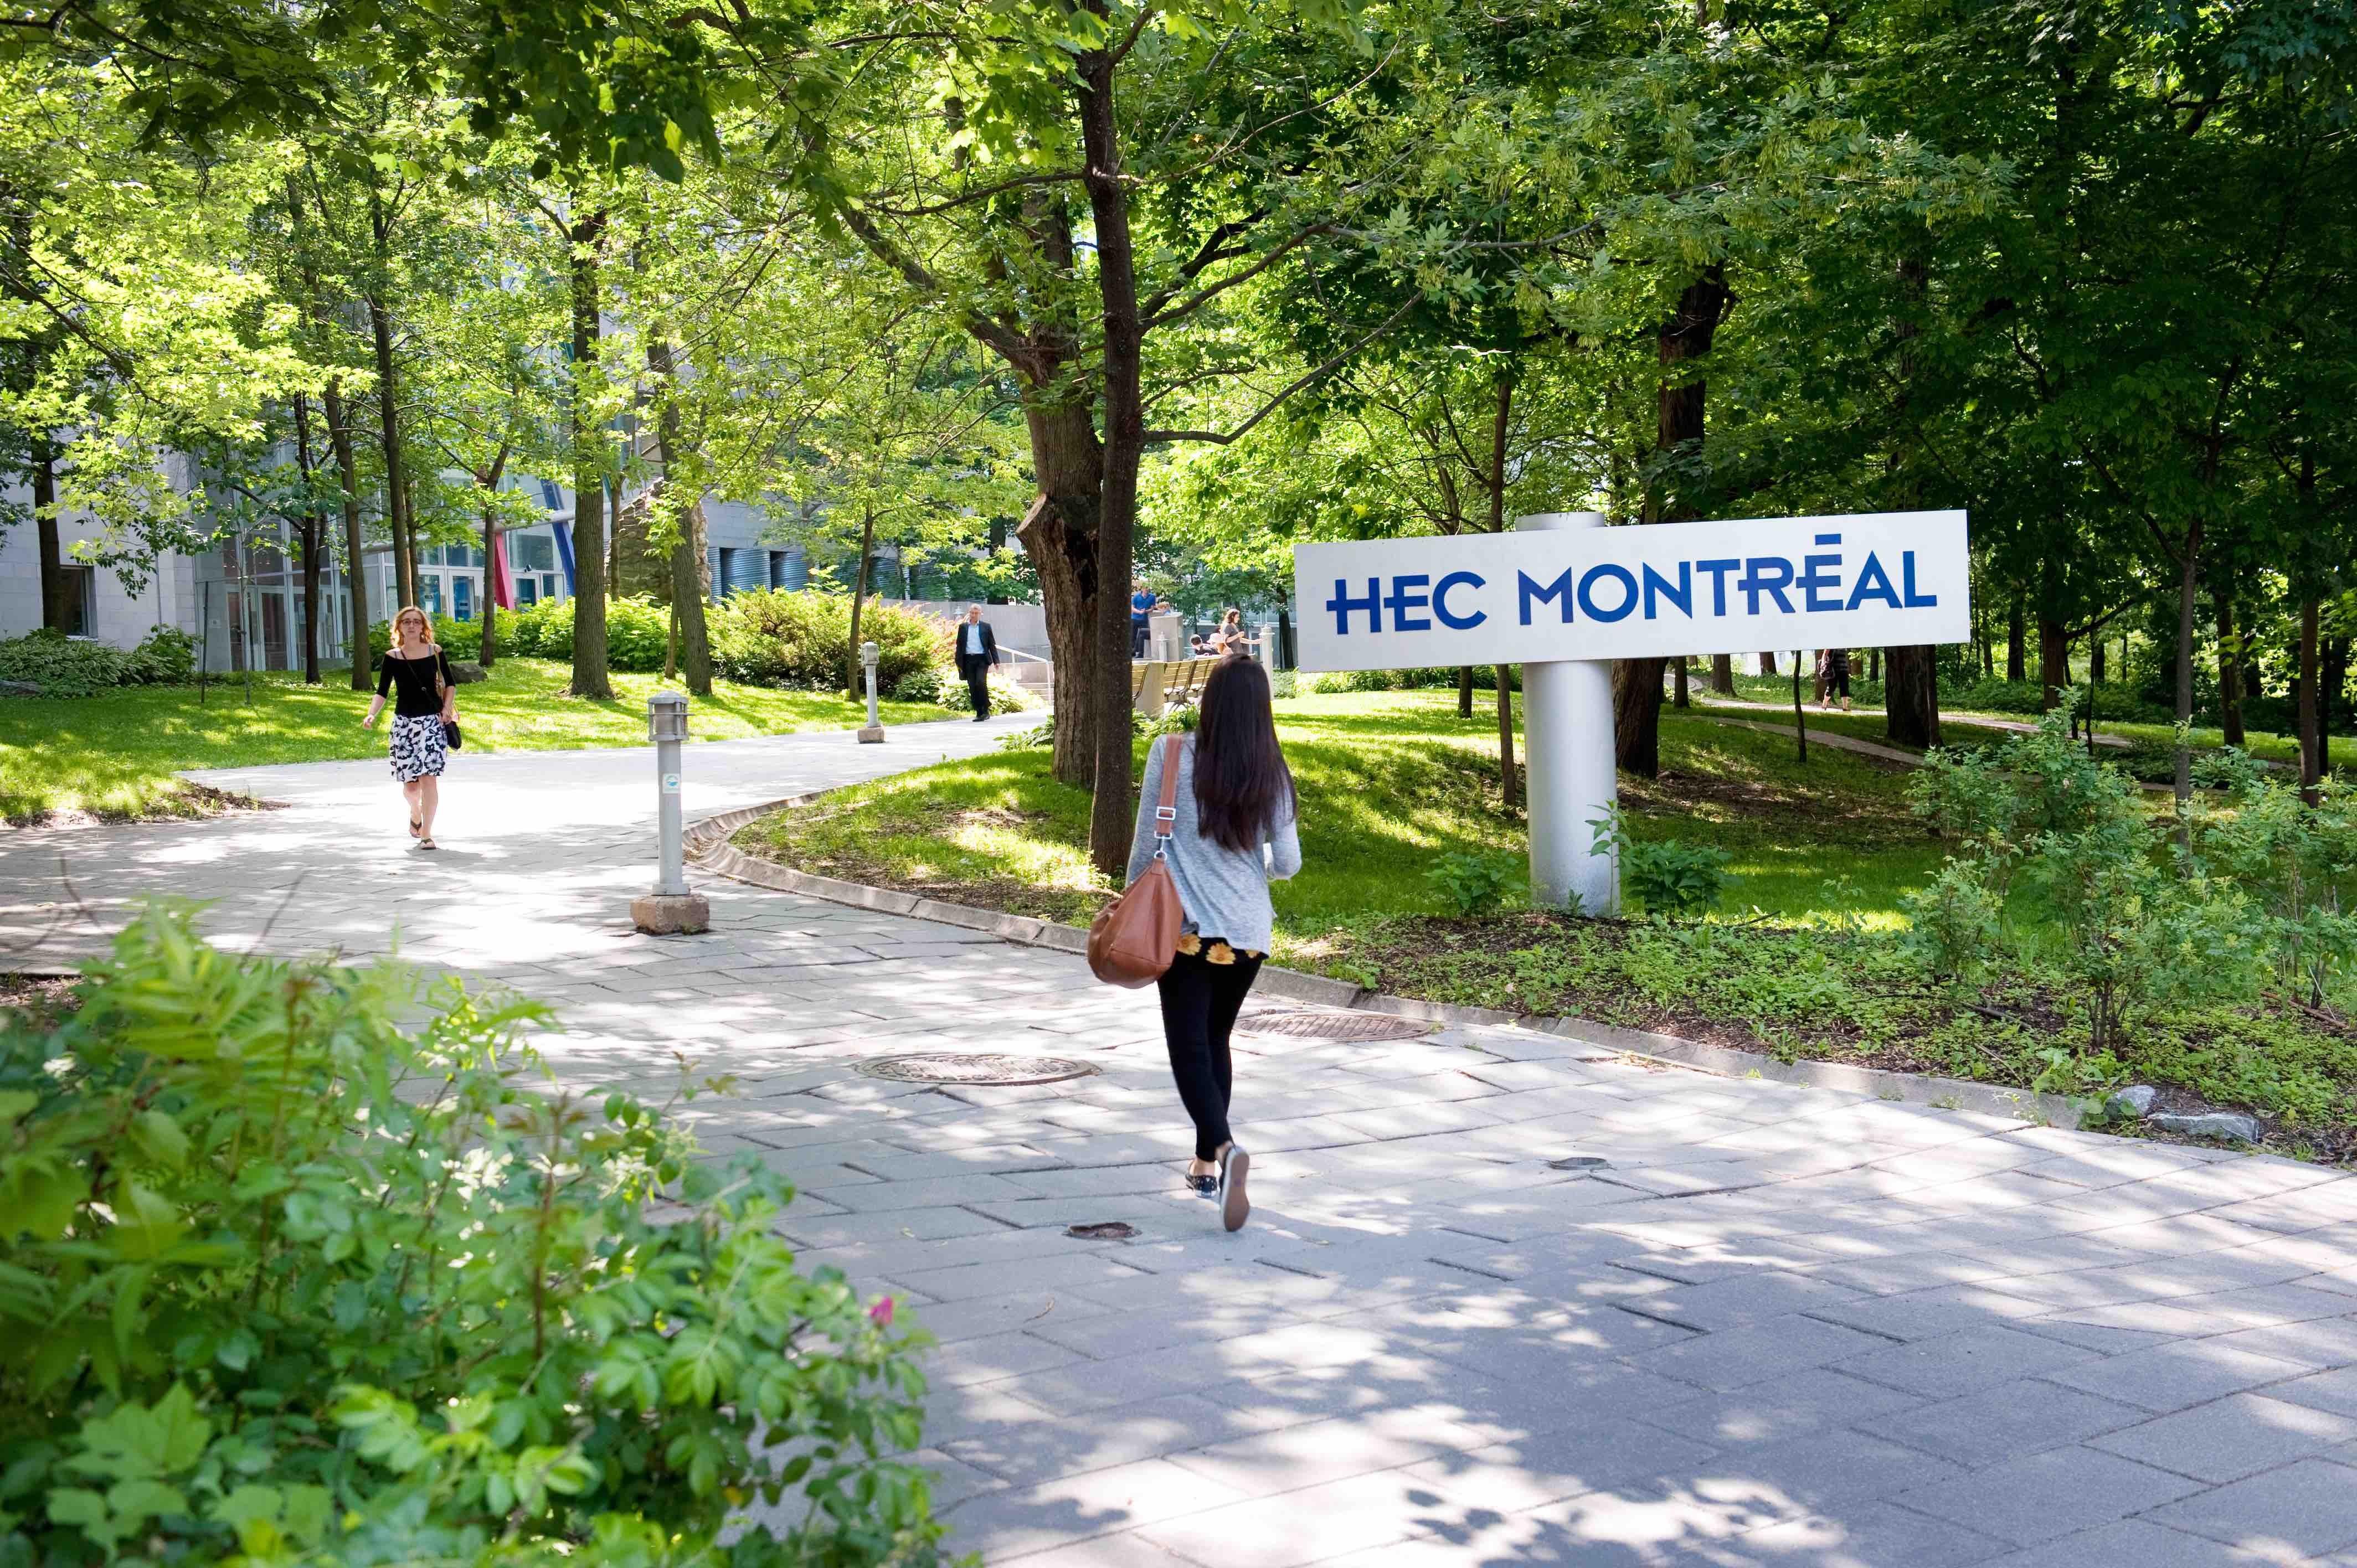 HEC Montréal   Courtesy of HEC Montréal